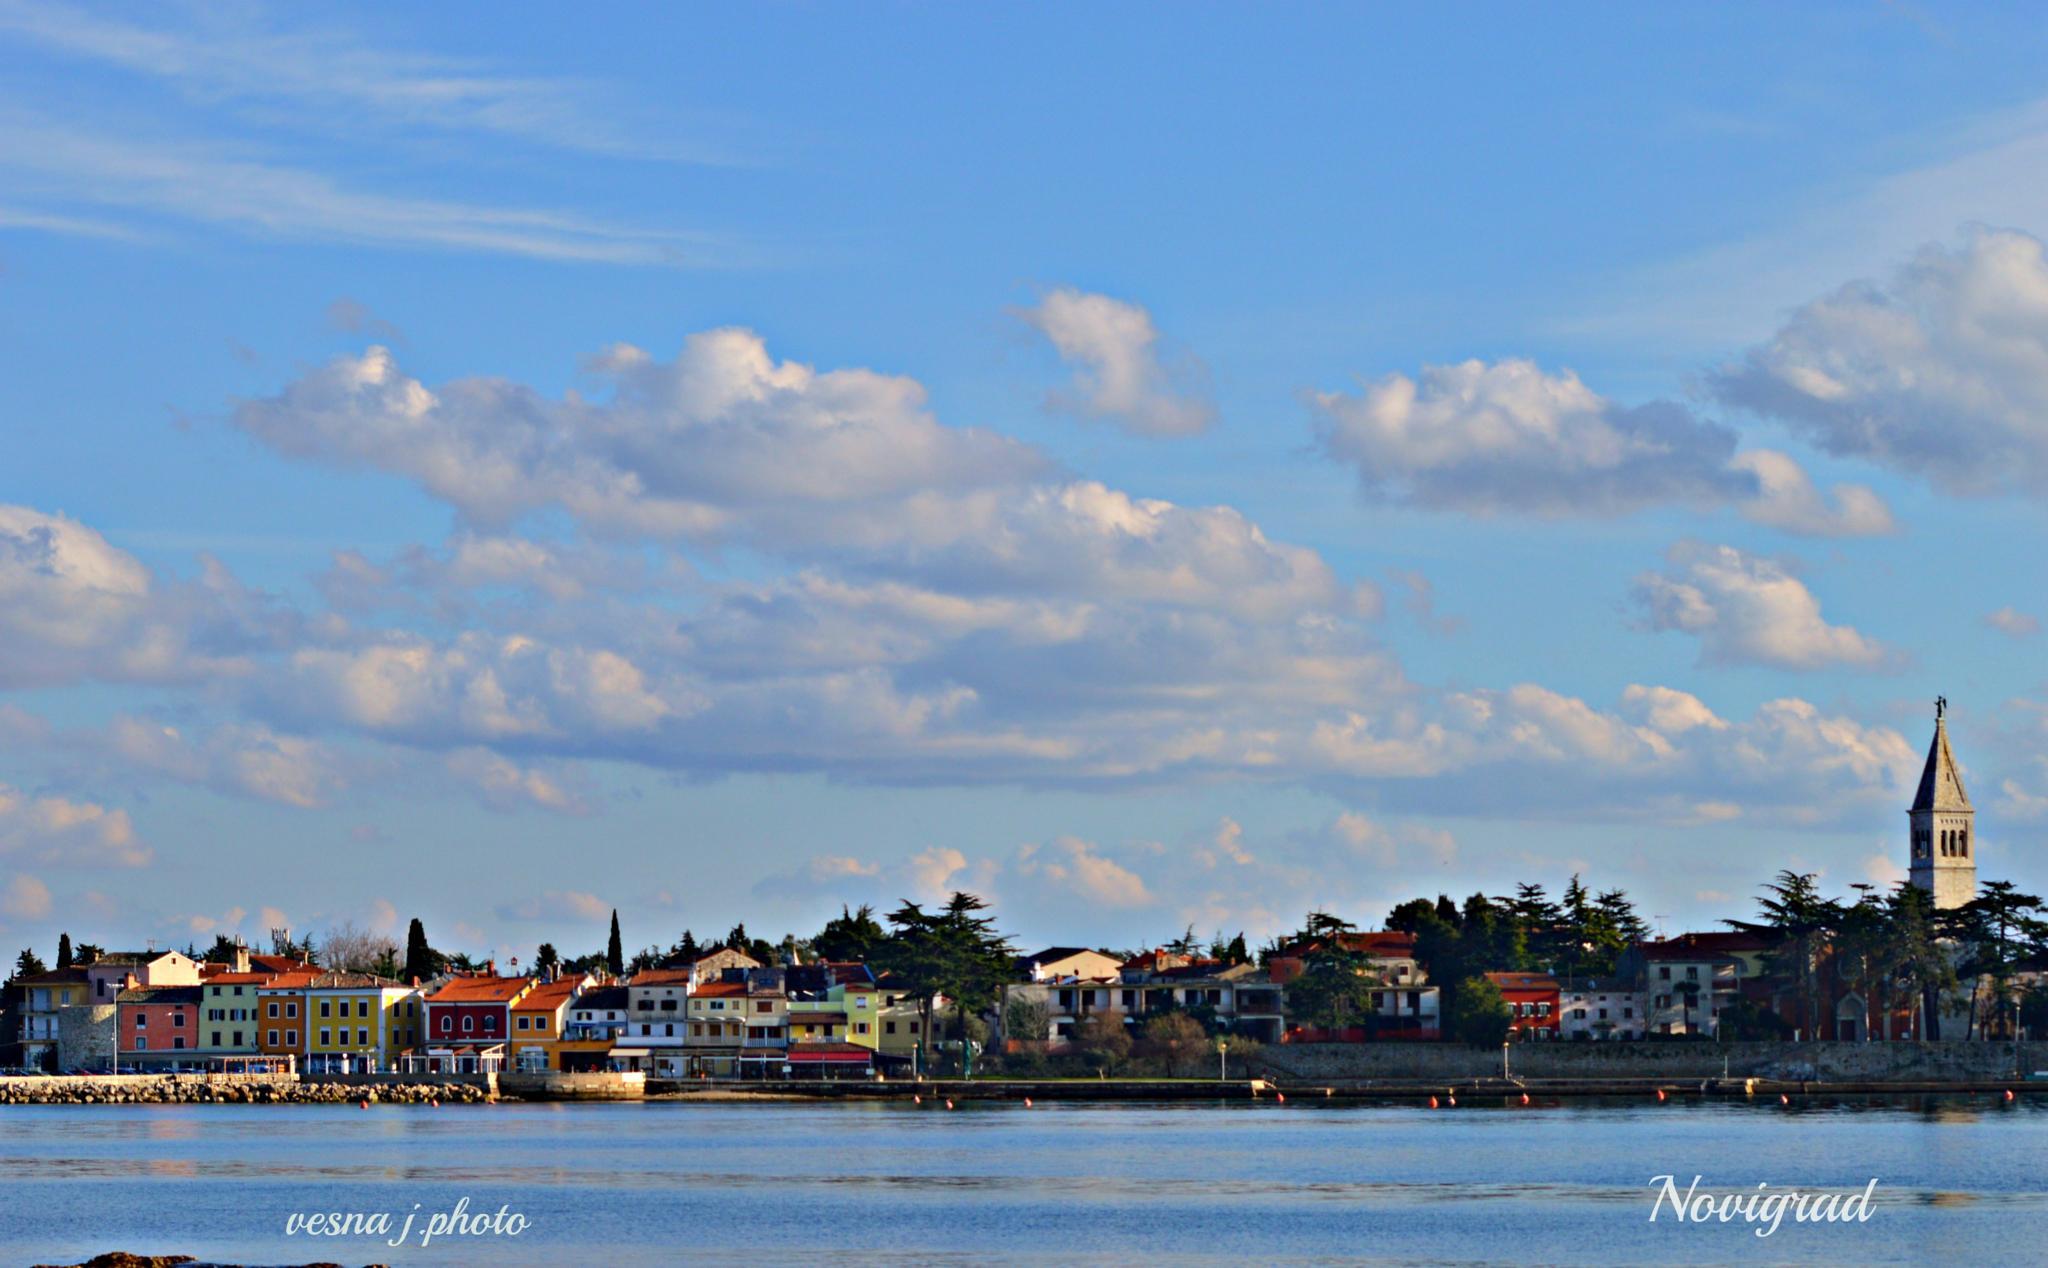 Day with sunshine by Vesna Jakus